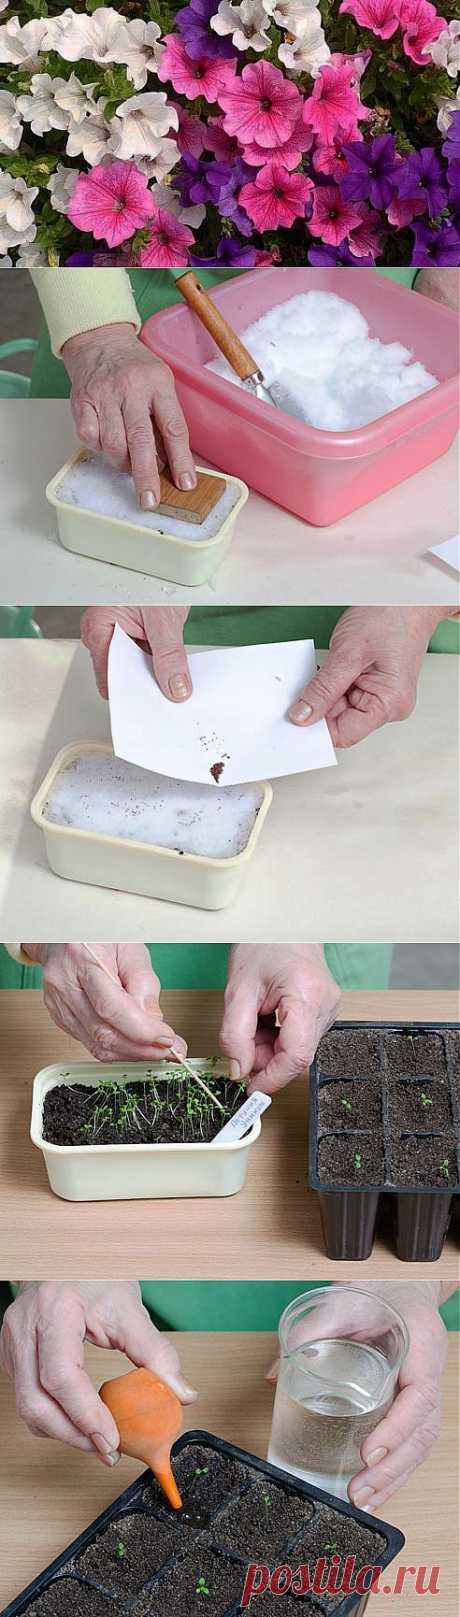 Петуния. (Выращивание рассады. Посев семян по снегу) | ЖЕНСКИЙ МИР